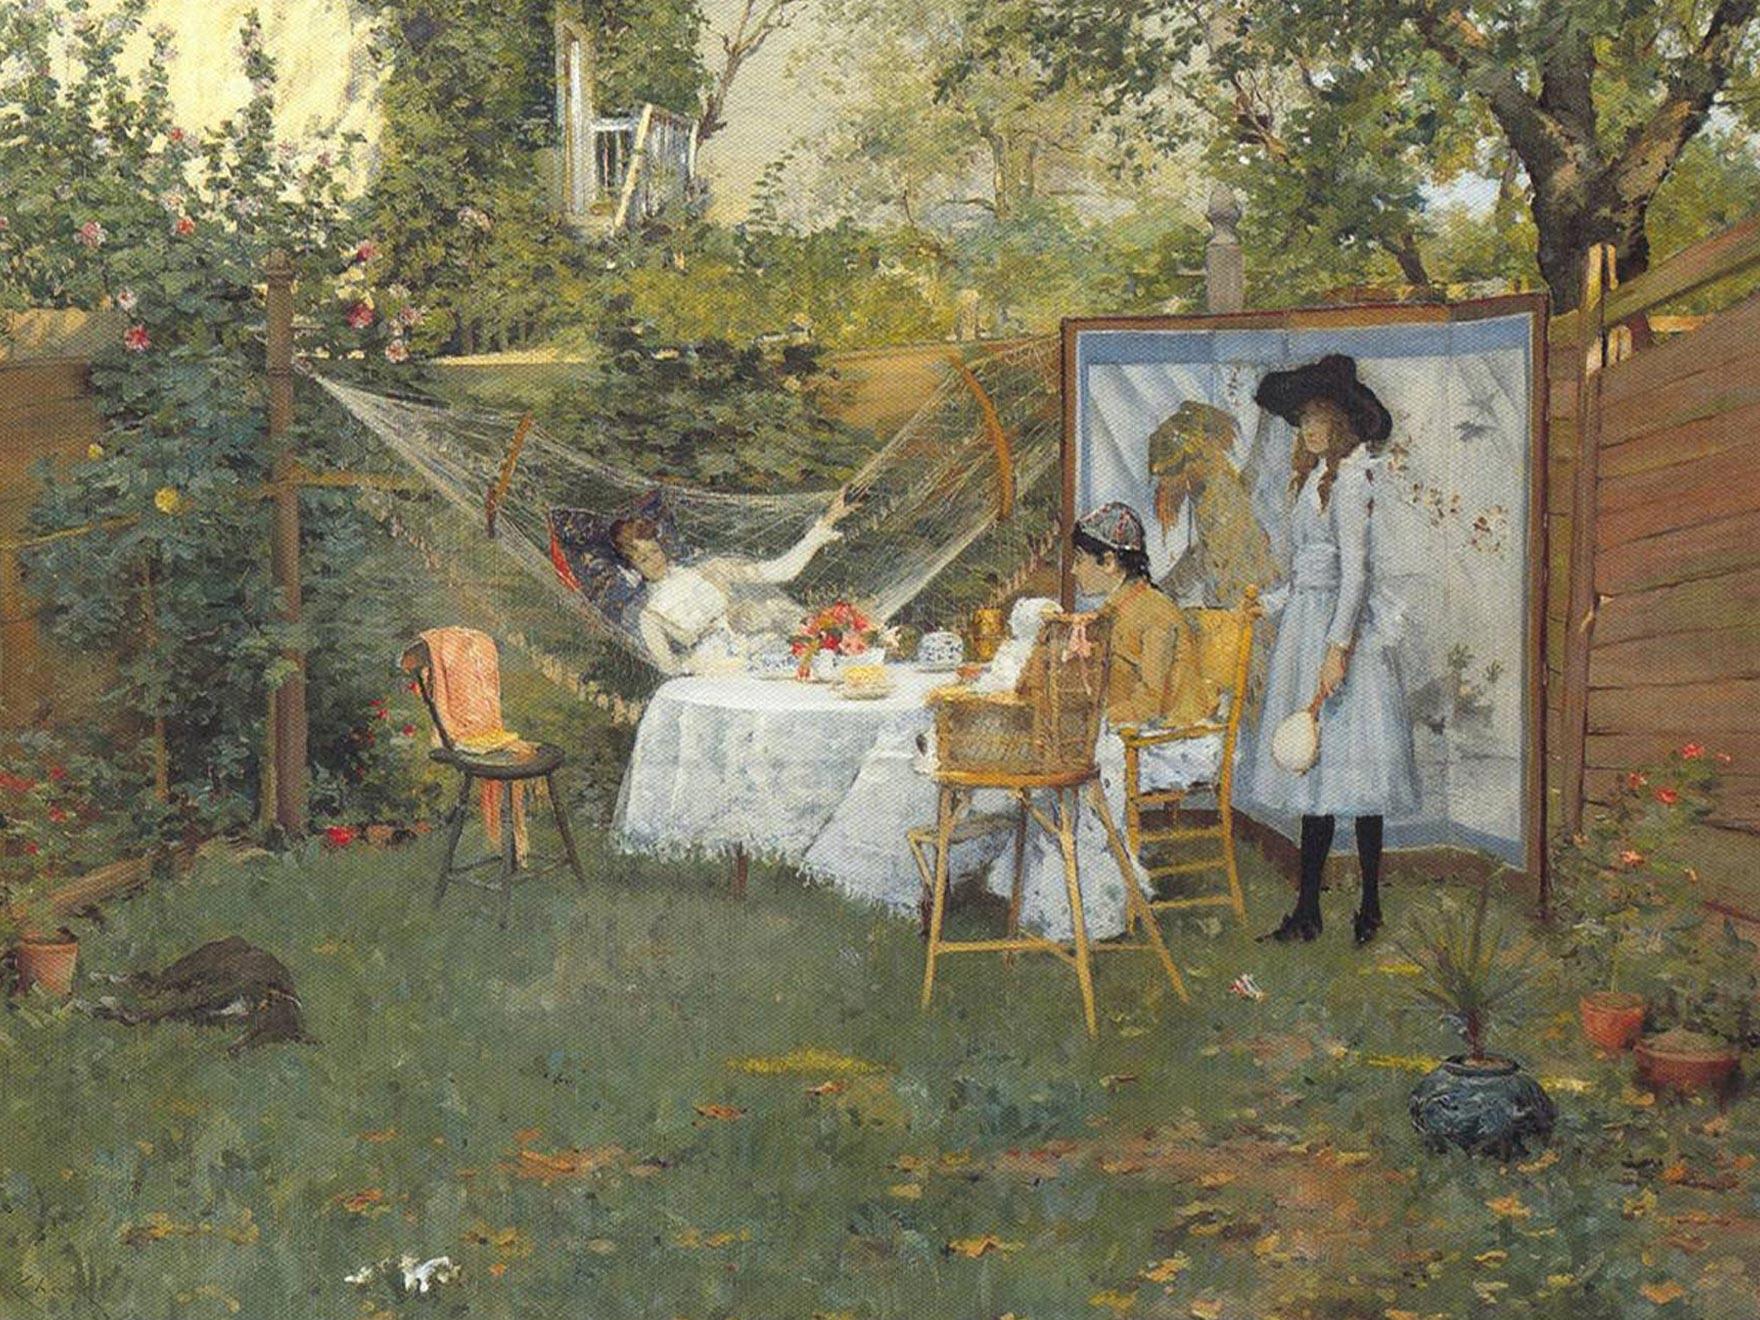 Family in backyard enjoying breakfast